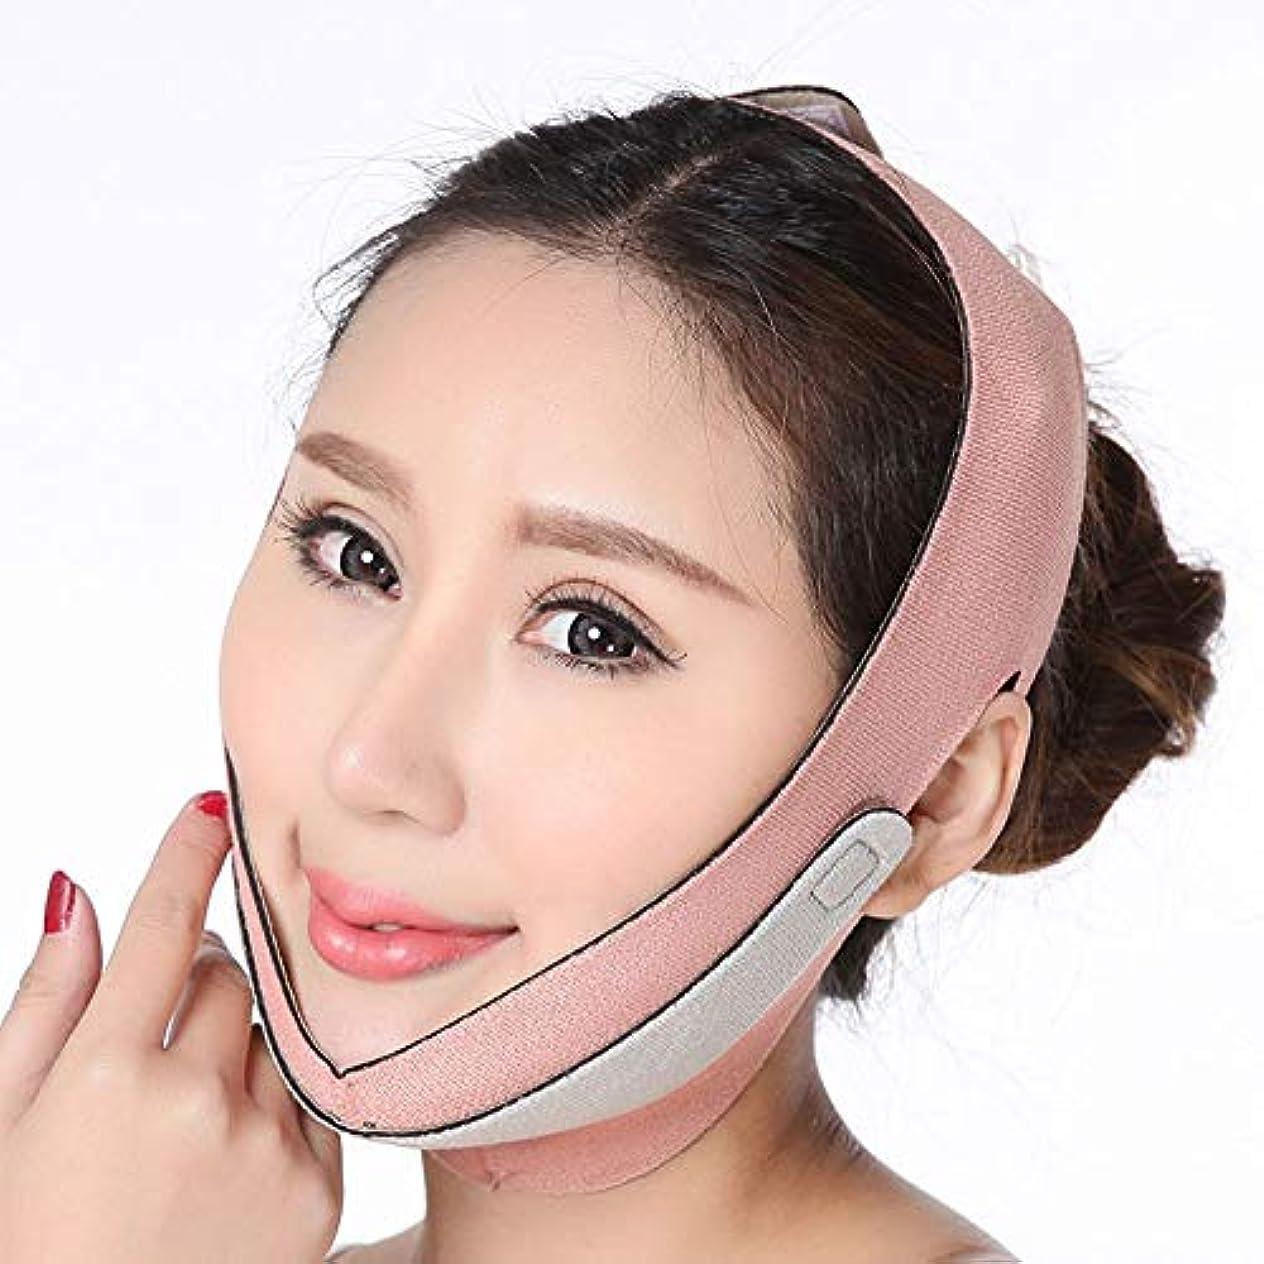 スラッシュ一般化する欺GYZ シンフェイス包帯シンフェイスマスクフェイスリフトアーティファクトレイズVフェイスシンフェイスフェイスリフティング美容マスク小フェイス包帯 Thin Face Belt (Color : A)